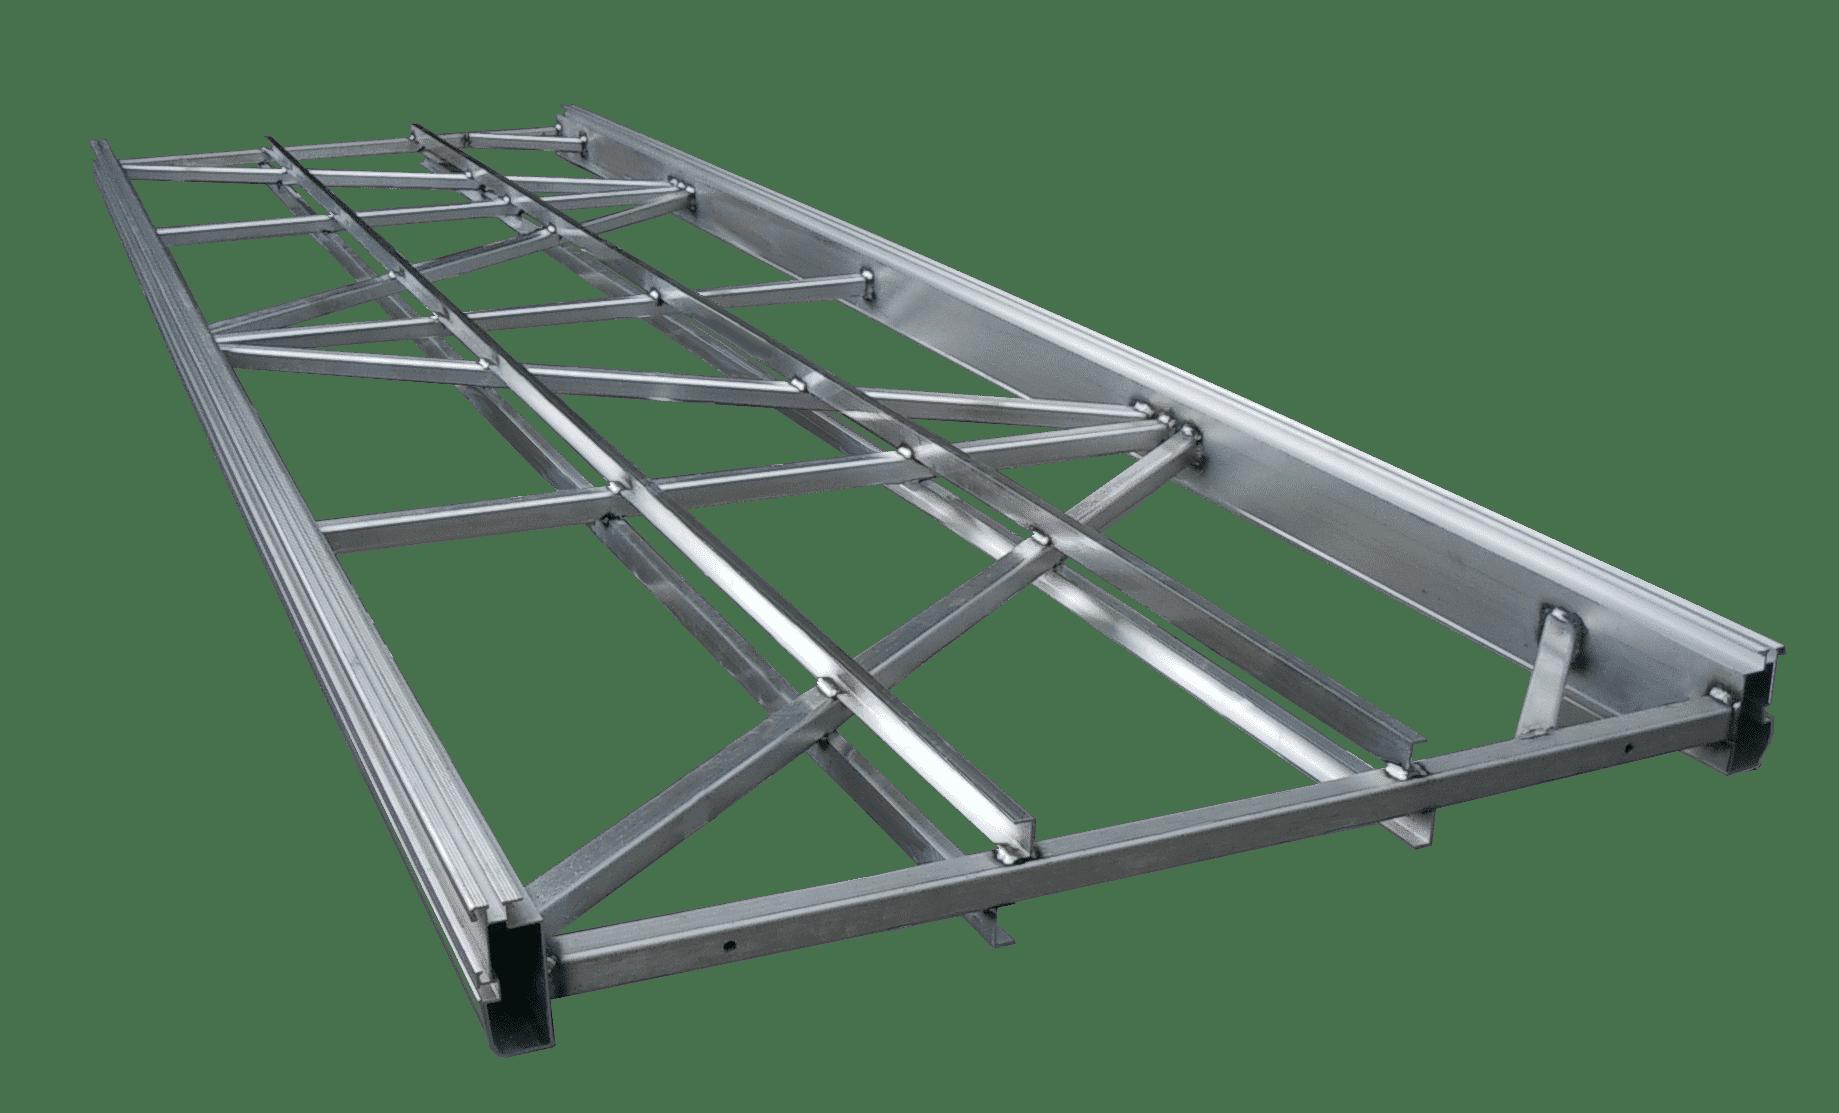 Flybear /Échelle t/élescopique multifonction pliable en aluminium Charge maximale 150 kg 5 m